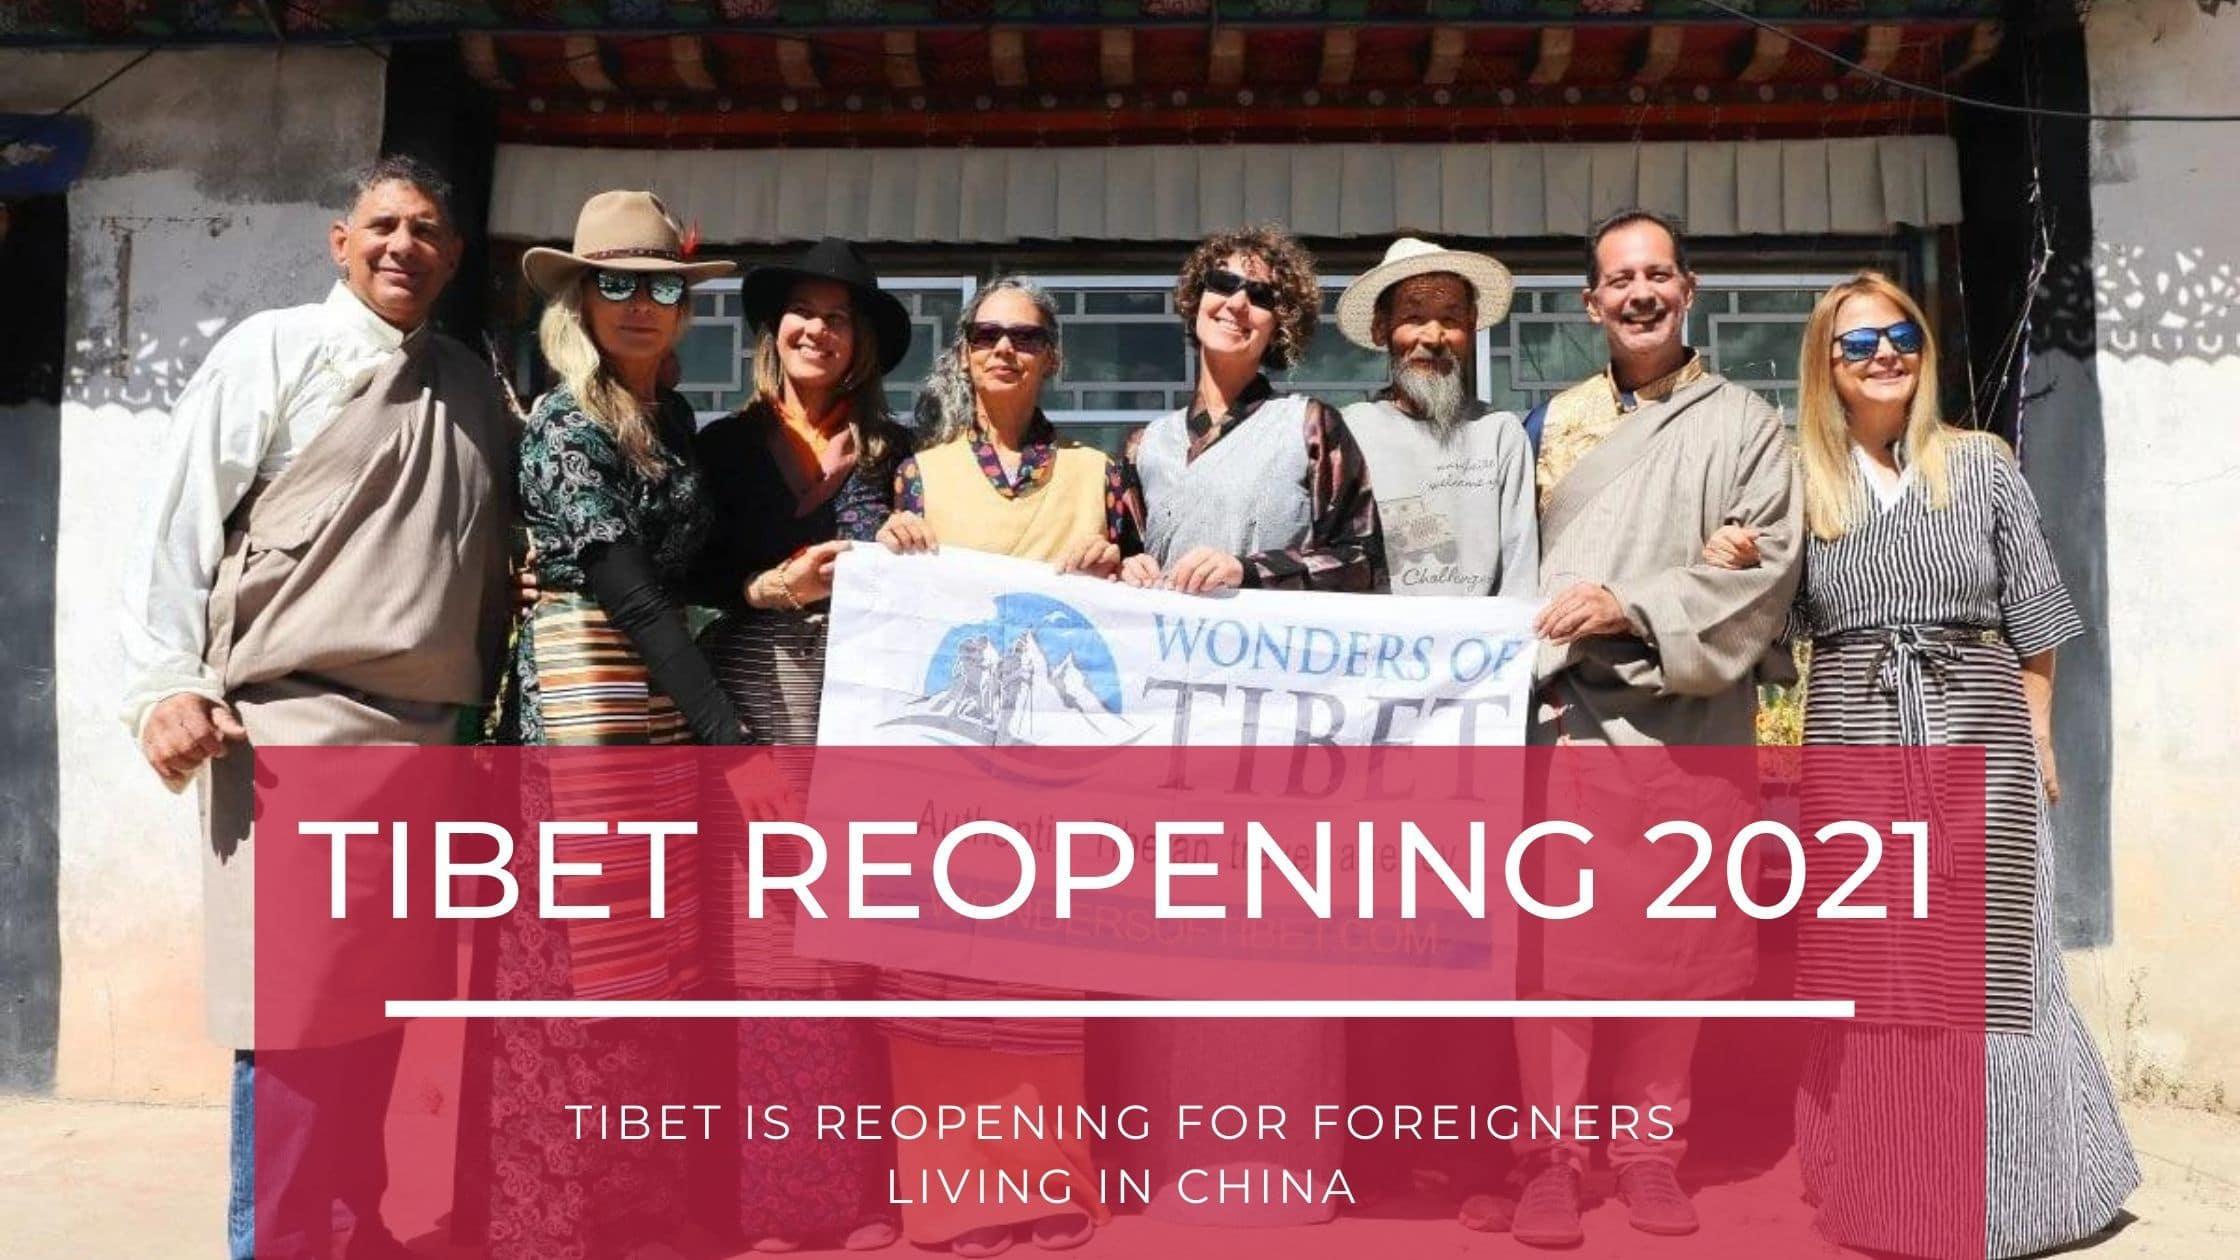 Tibet reopening 2021